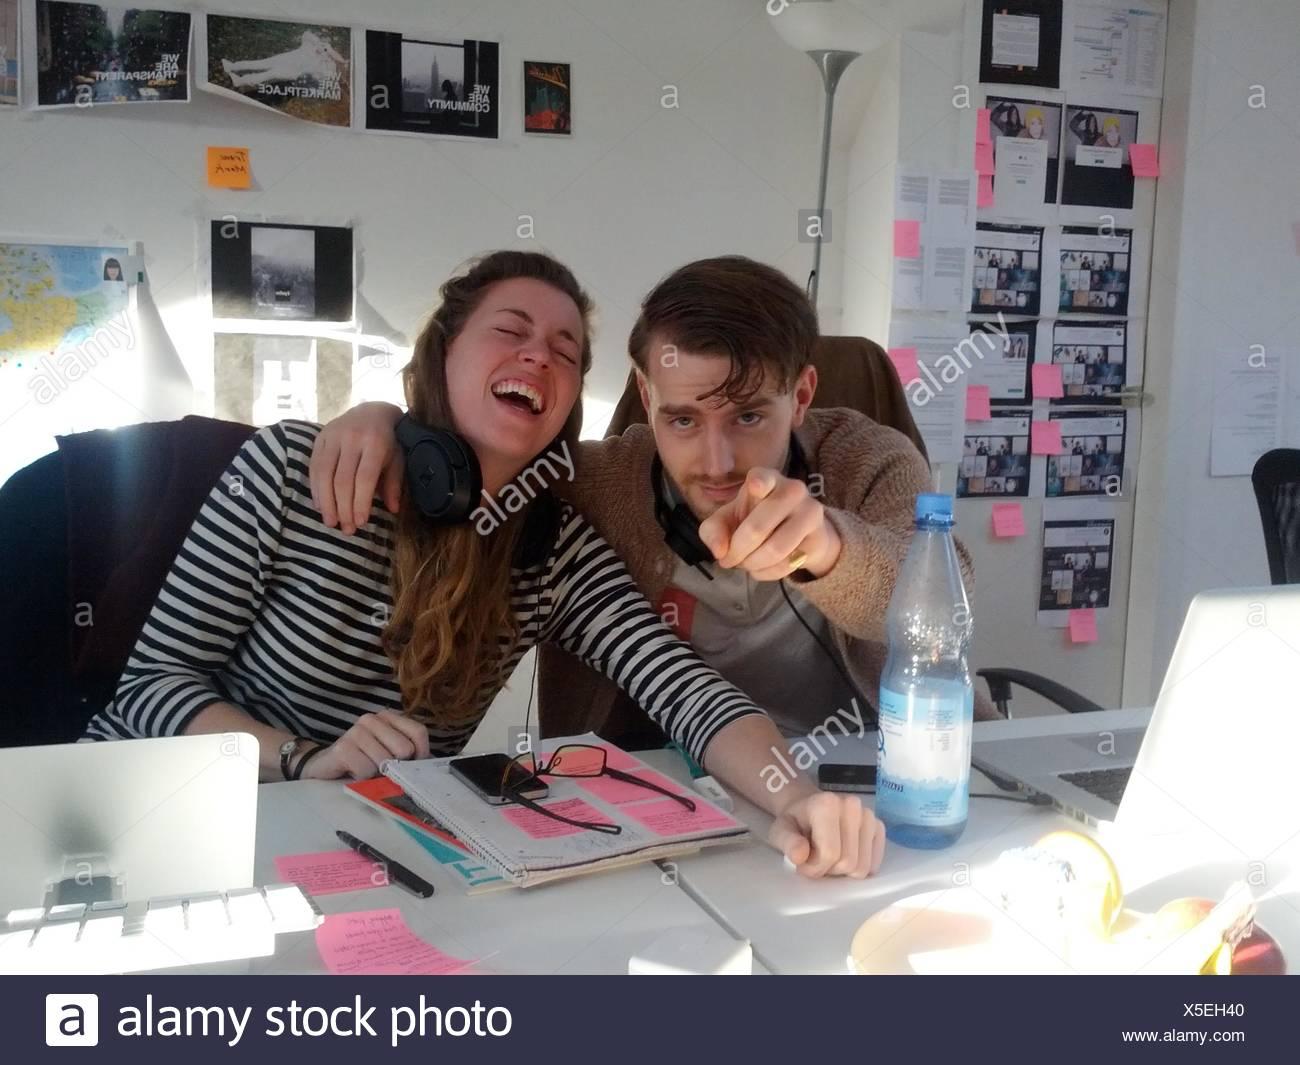 Allegro giovane donna con uomo rivolto a voi in ufficio creativo Immagini Stock